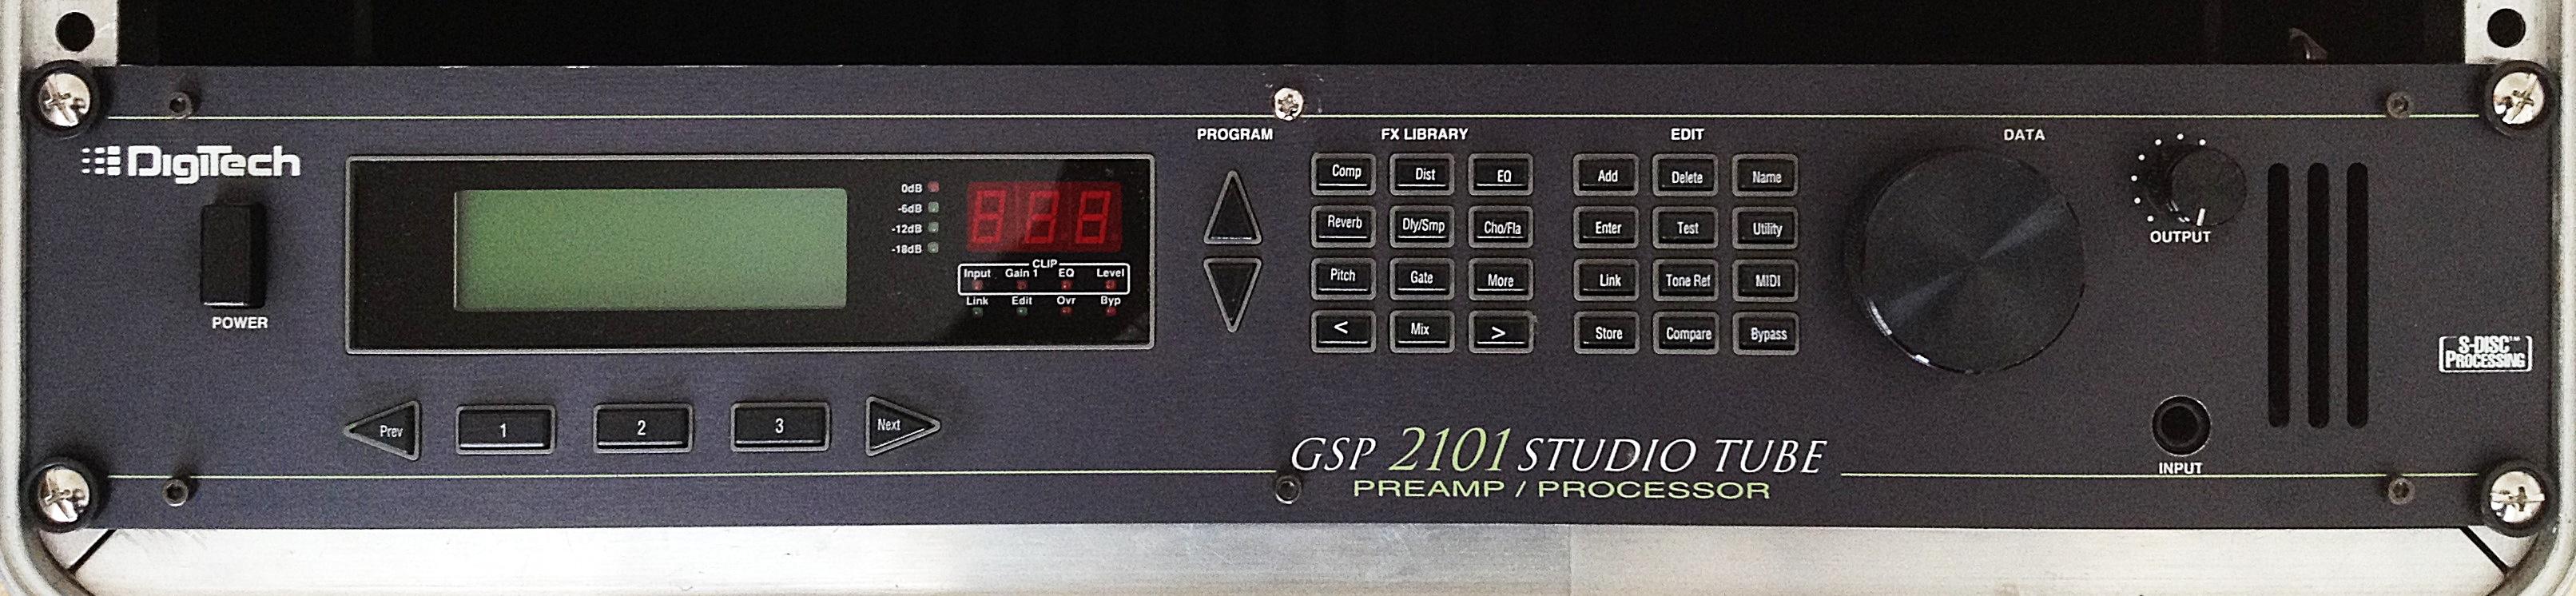 Digitech Gsp 2101 Studio Tube Manual